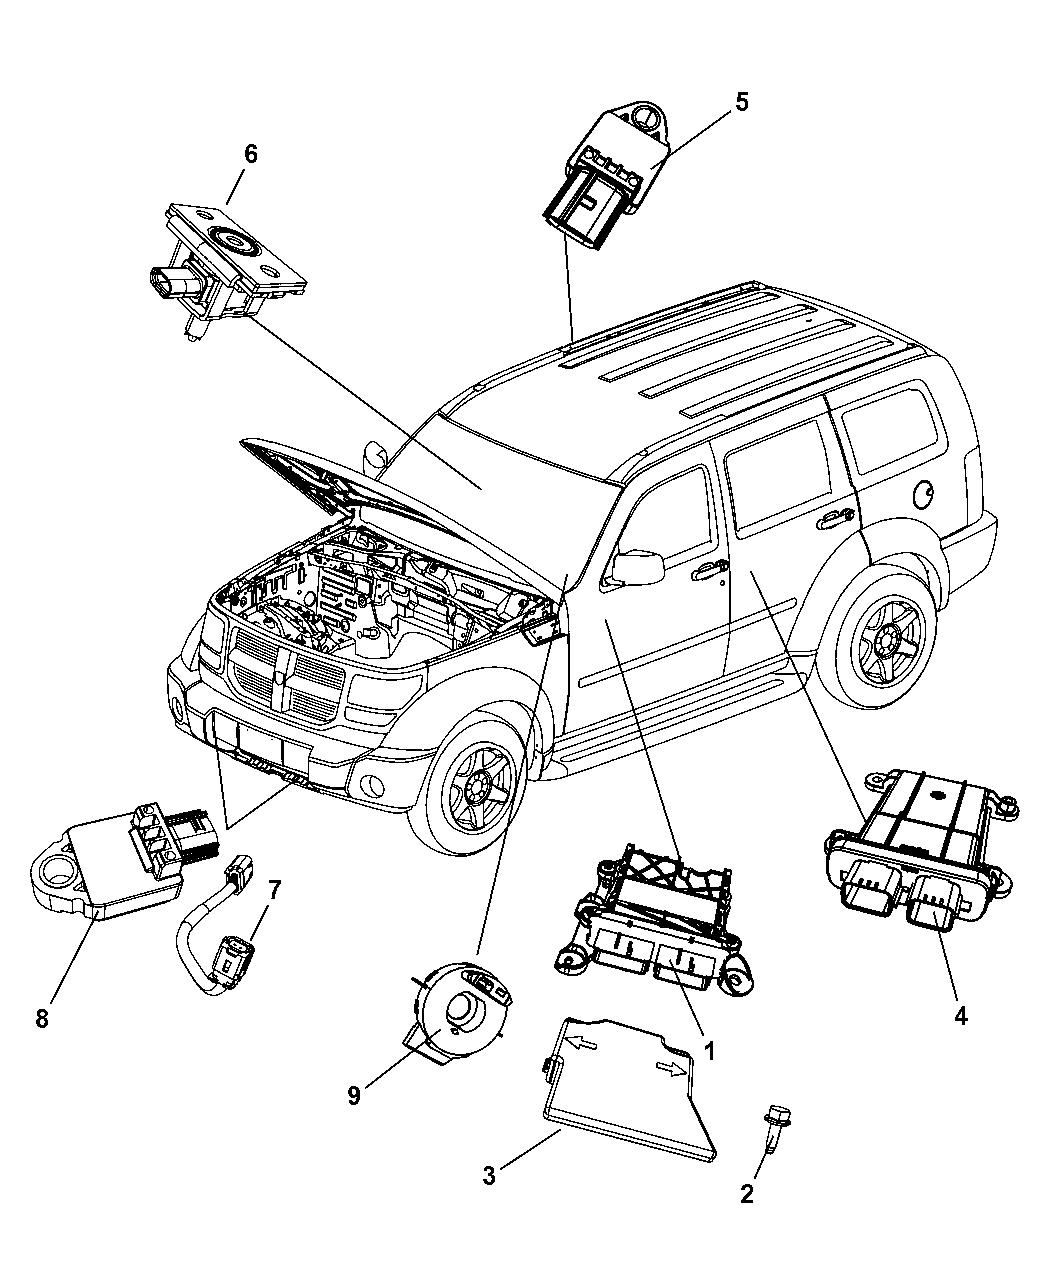 2010 Dodge Avenger Transmission: Genuine Mopar CLKSPRING-STEERING COLUMN